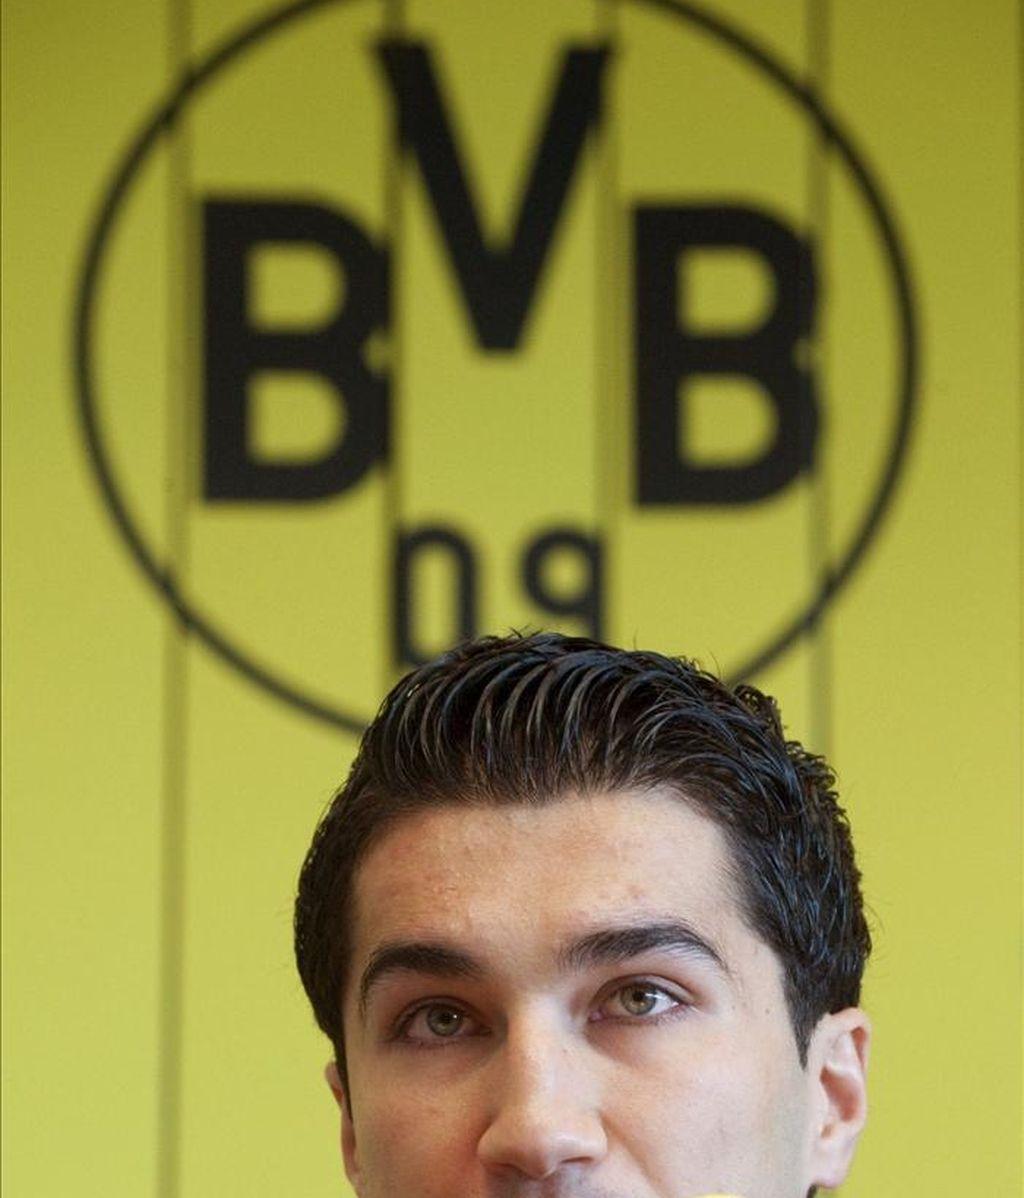 El futbolista turco Nuri Sahin. EFE/Archivo